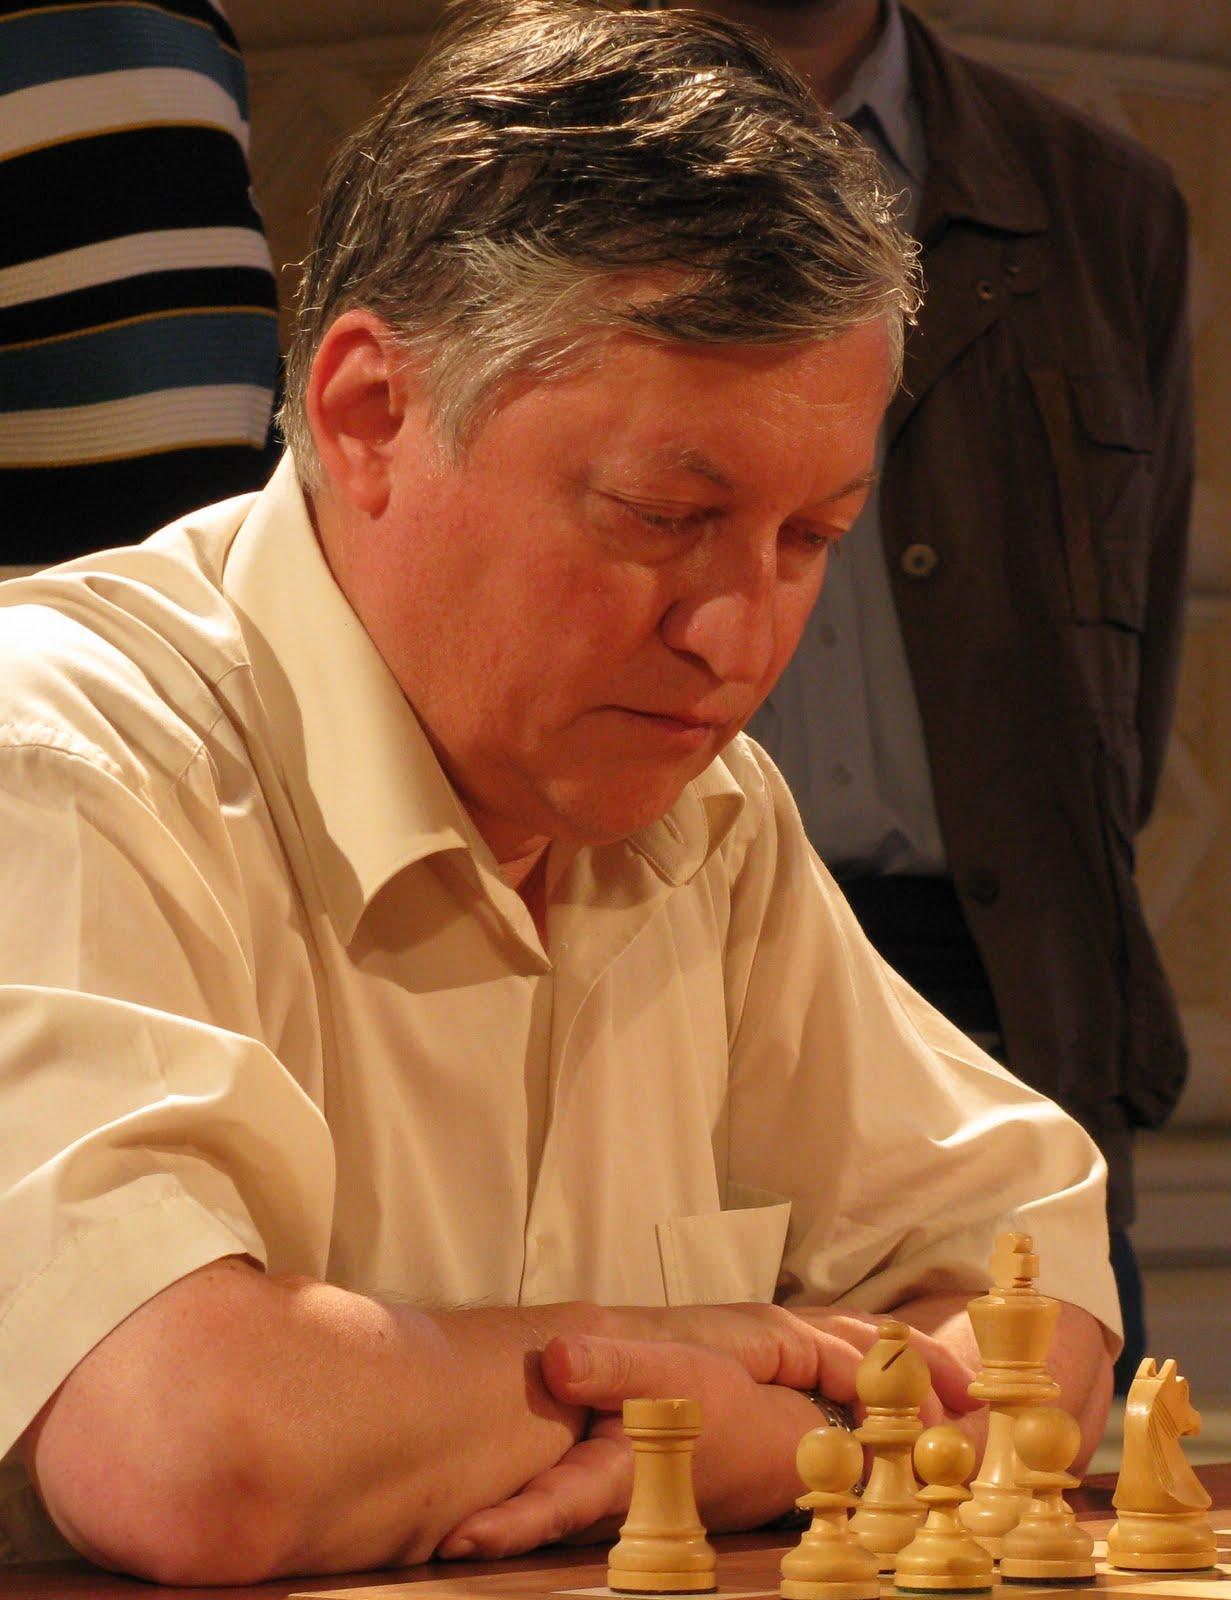 Kasparov contra karpov la historia del ajedrez taringa - Fundar un partido politico ...